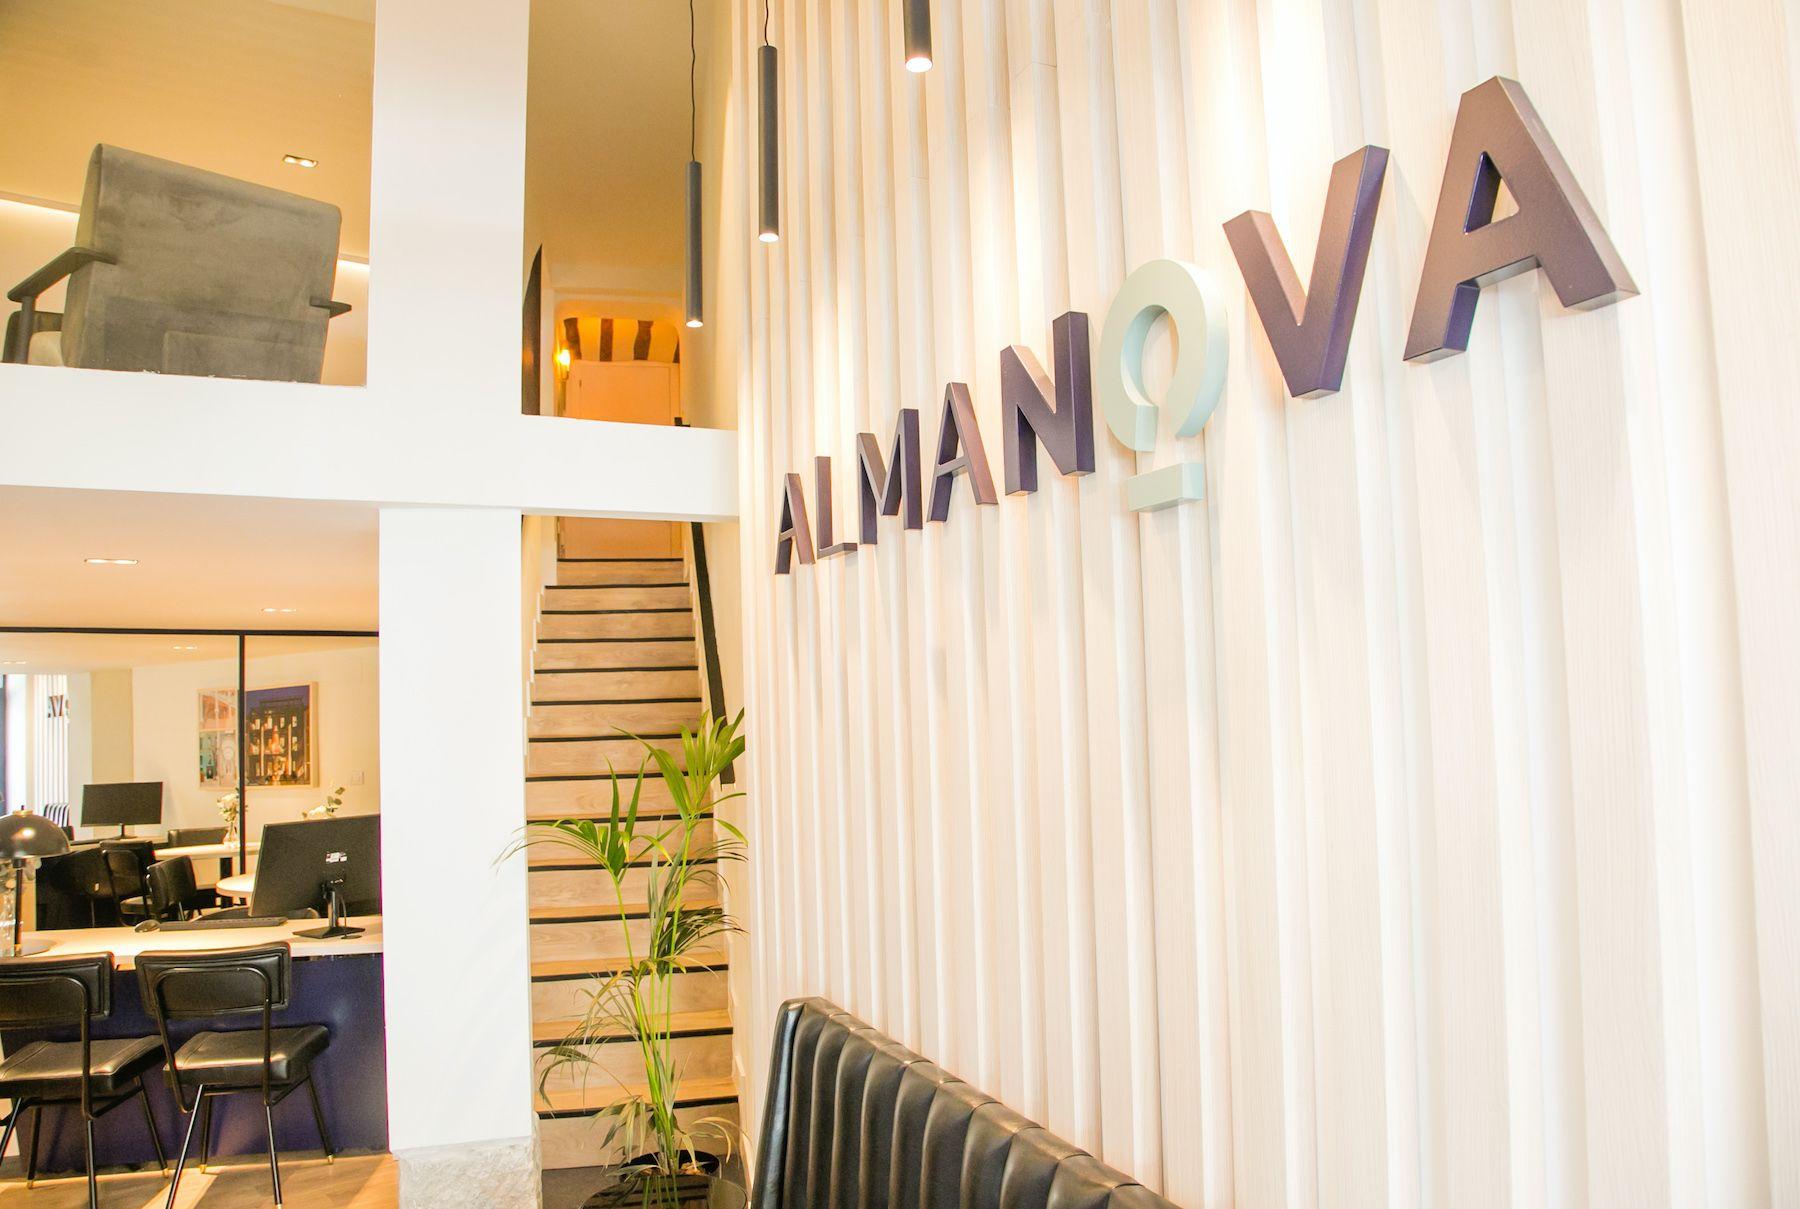 Los precios del parqué inmobiliario se prevén estables en Madrid en 2021, según Almanova Inmobiliaria